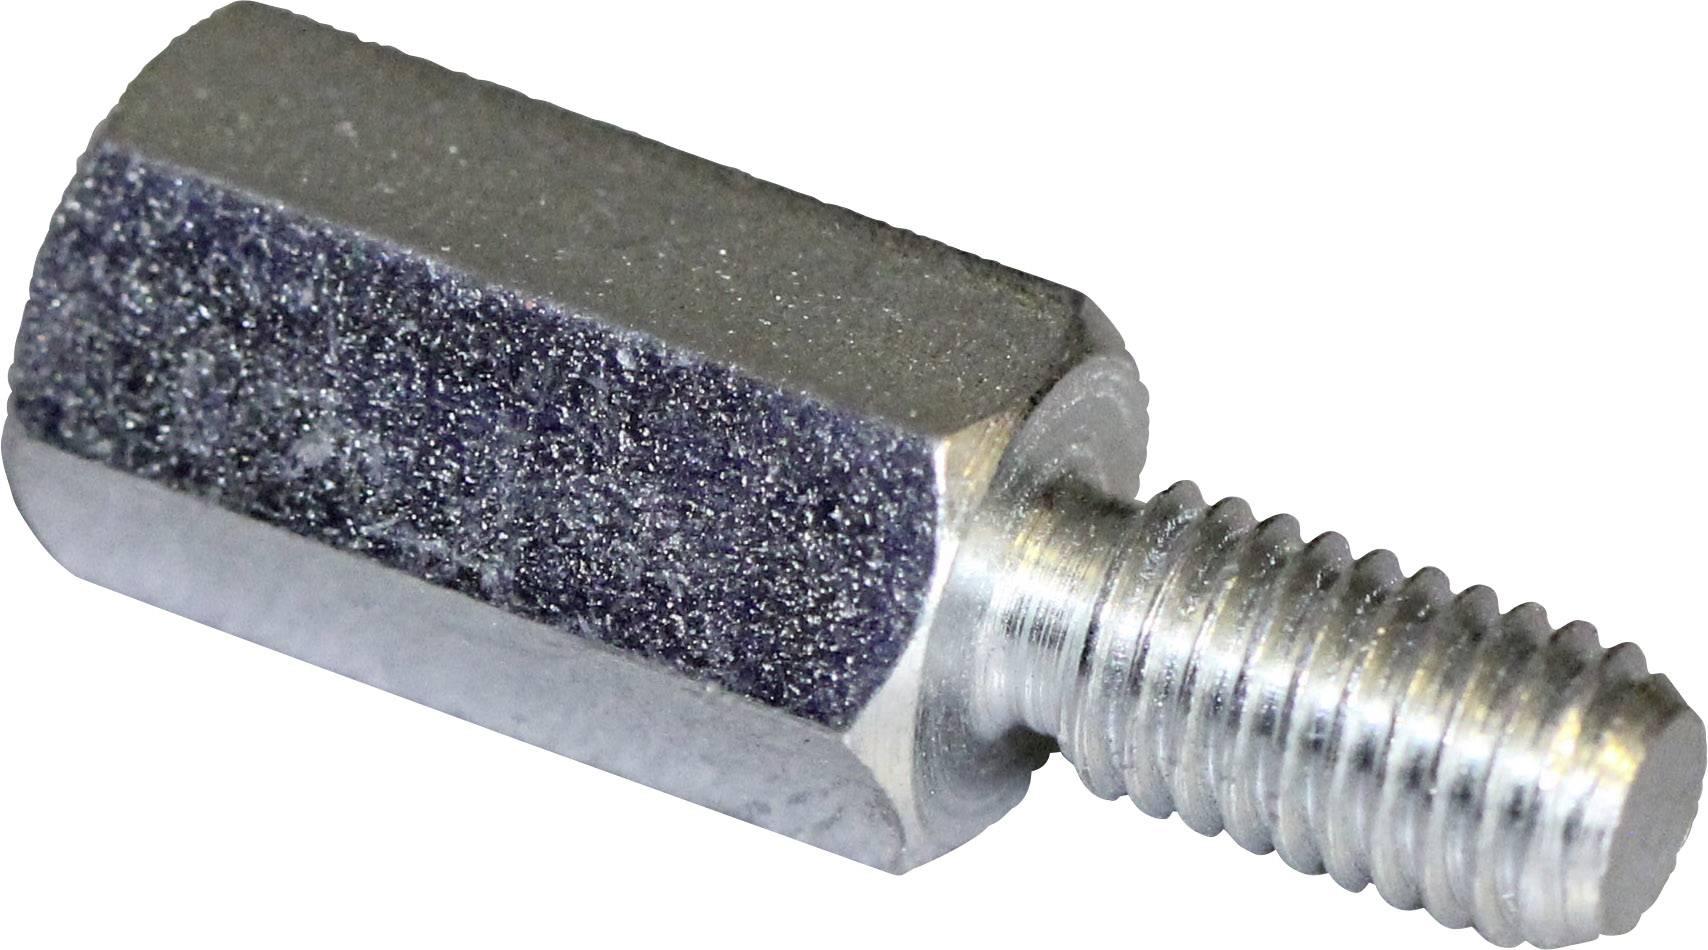 Stahl Gr/ö/ße M24 x L/änge 72mm verzinkt | Sechskant 1 St/ück QUALIT/ÄTS VERBINDUNGSMUTTER